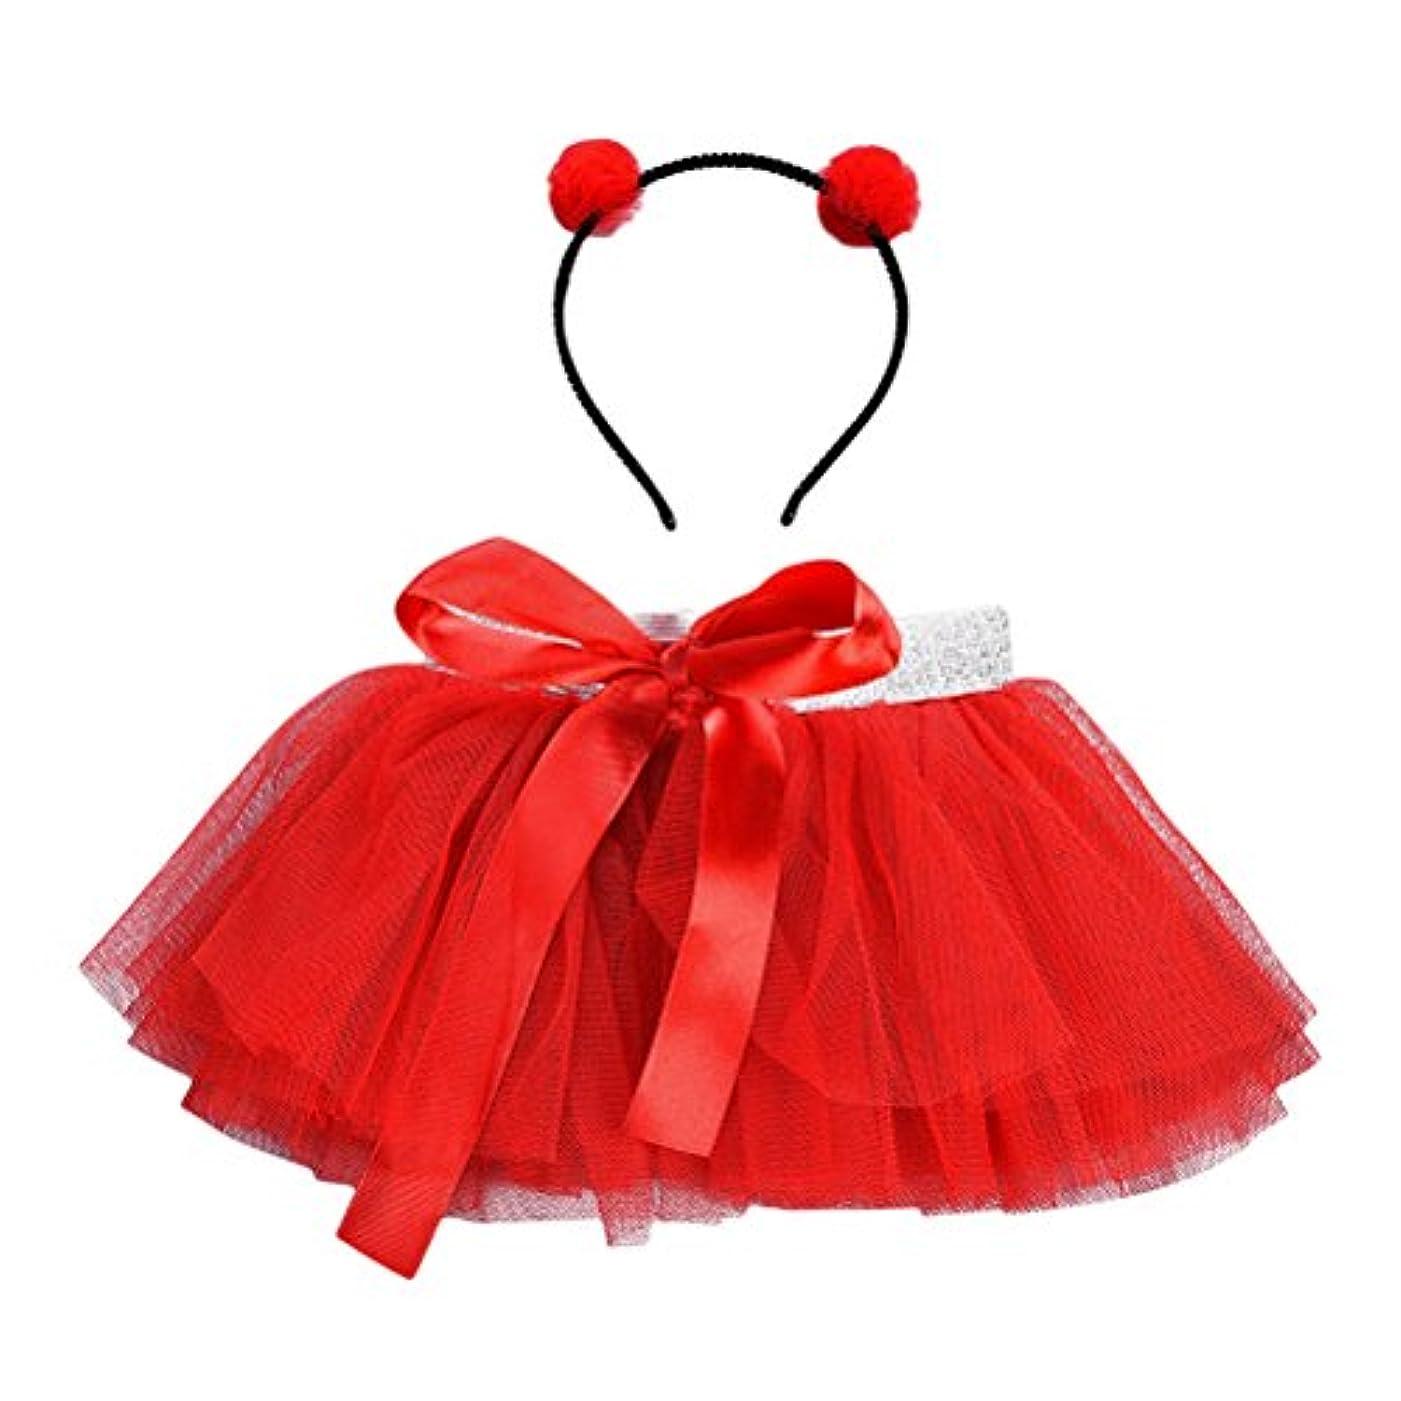 スノーケルこれら槍LUOEM 女の子TutuスカートセットヘッドバンドプリンセスガールTutuの服装赤ちゃん女の子Birthday Outfit Set(Red)